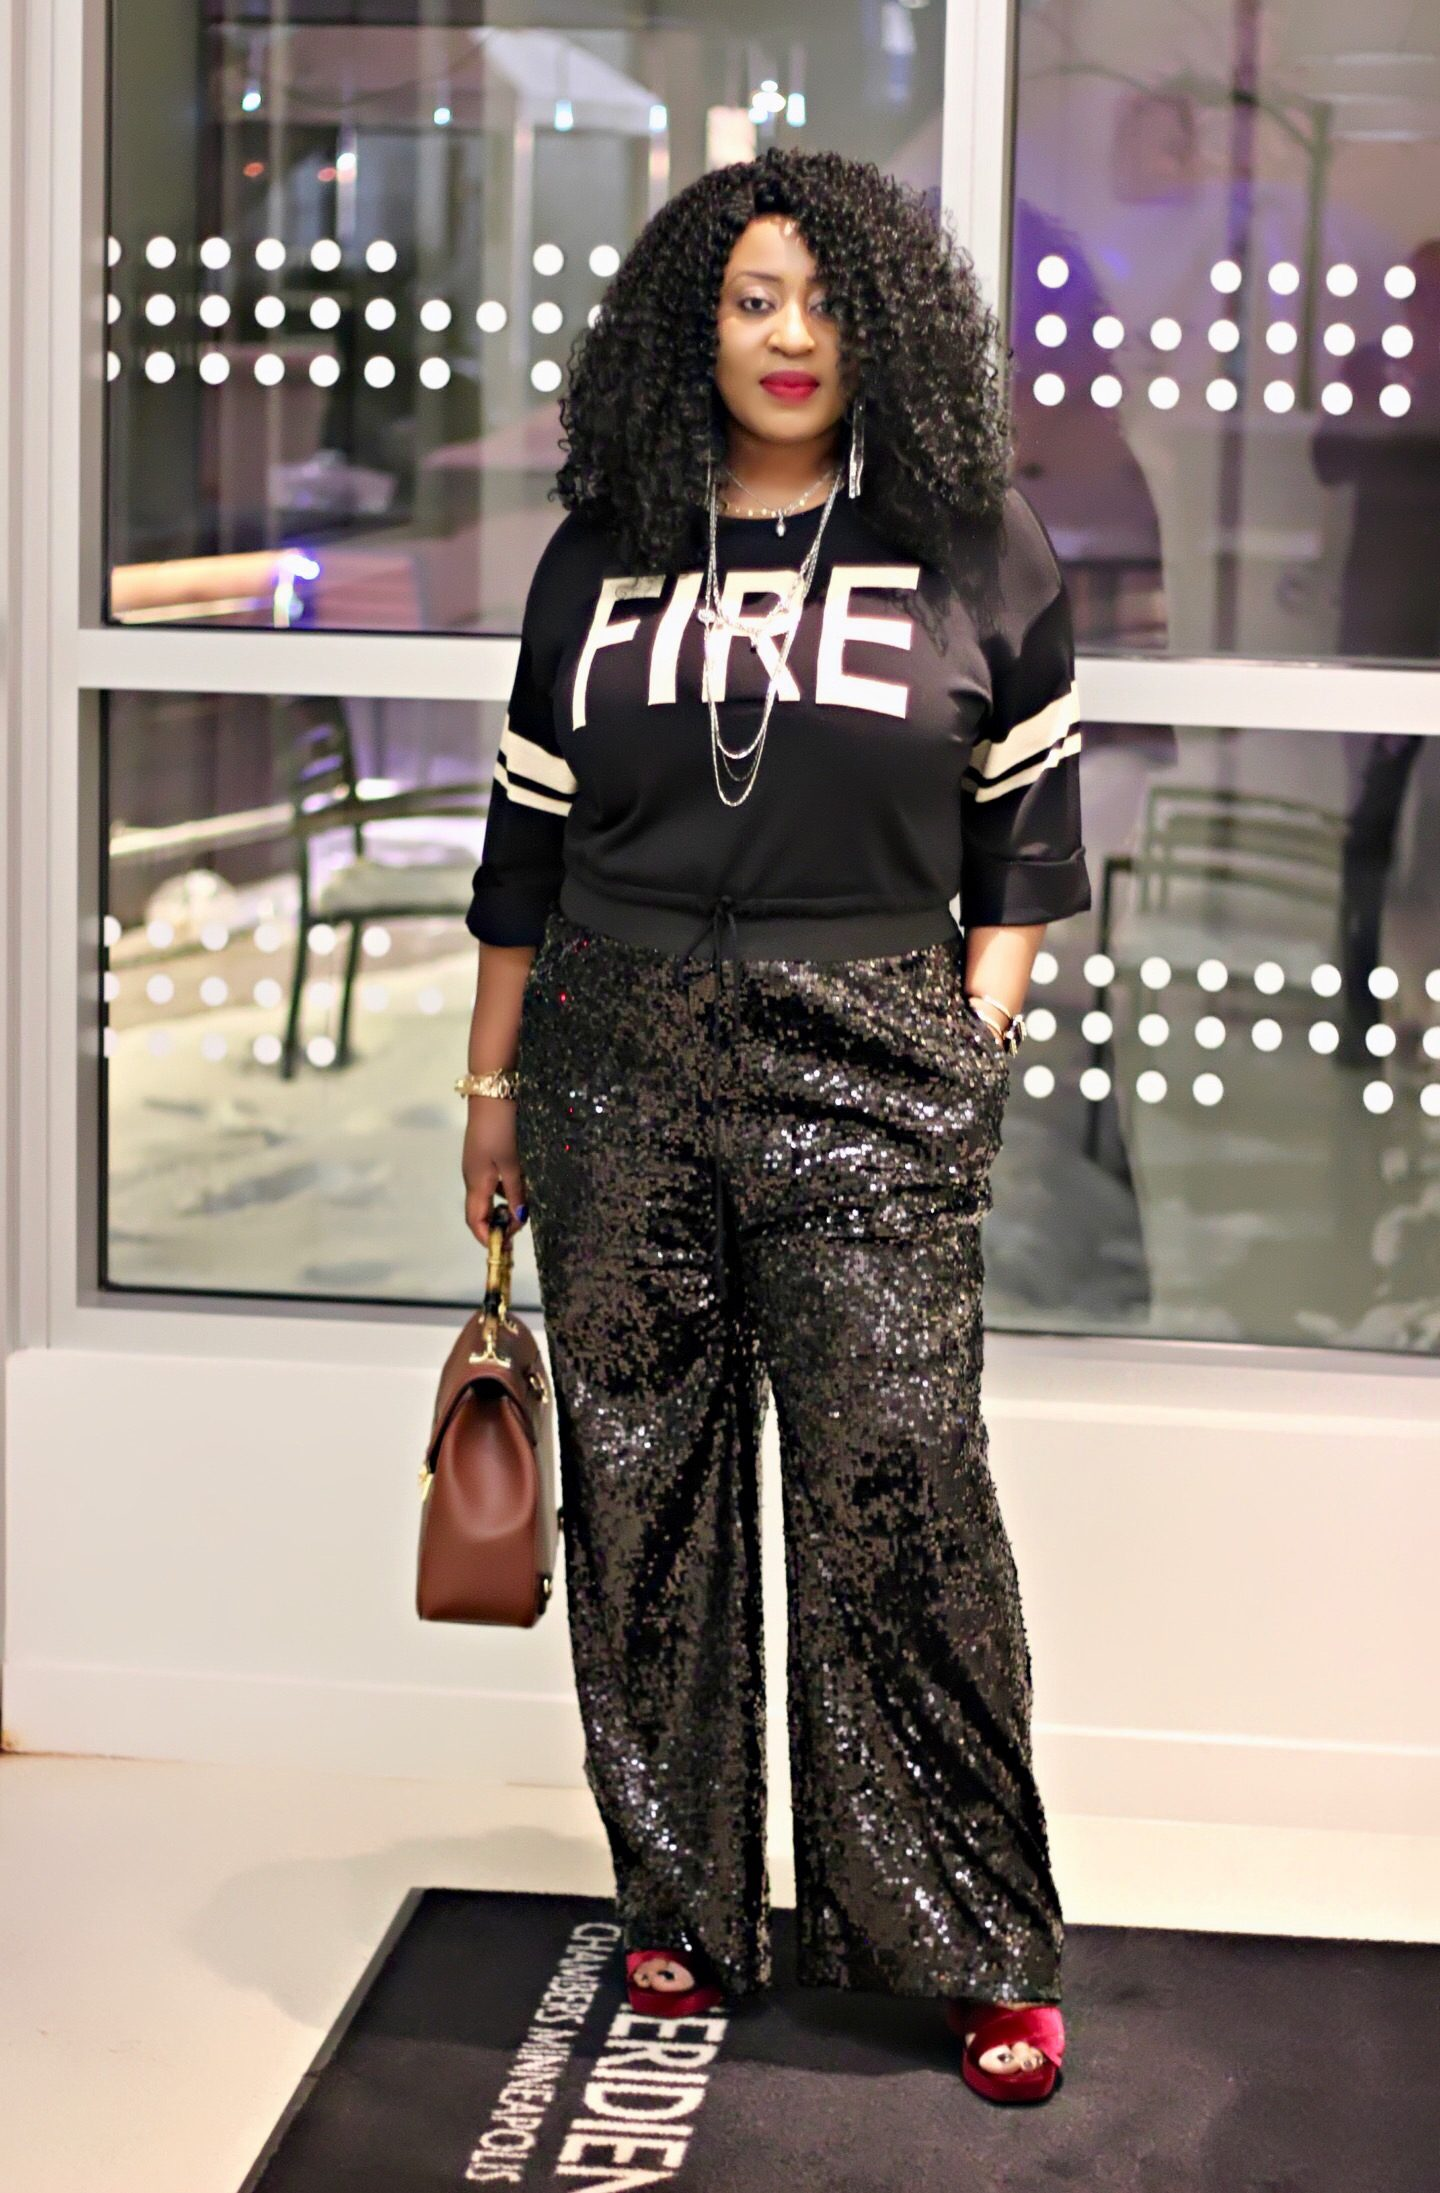 glamorous-fashion-blogger-style